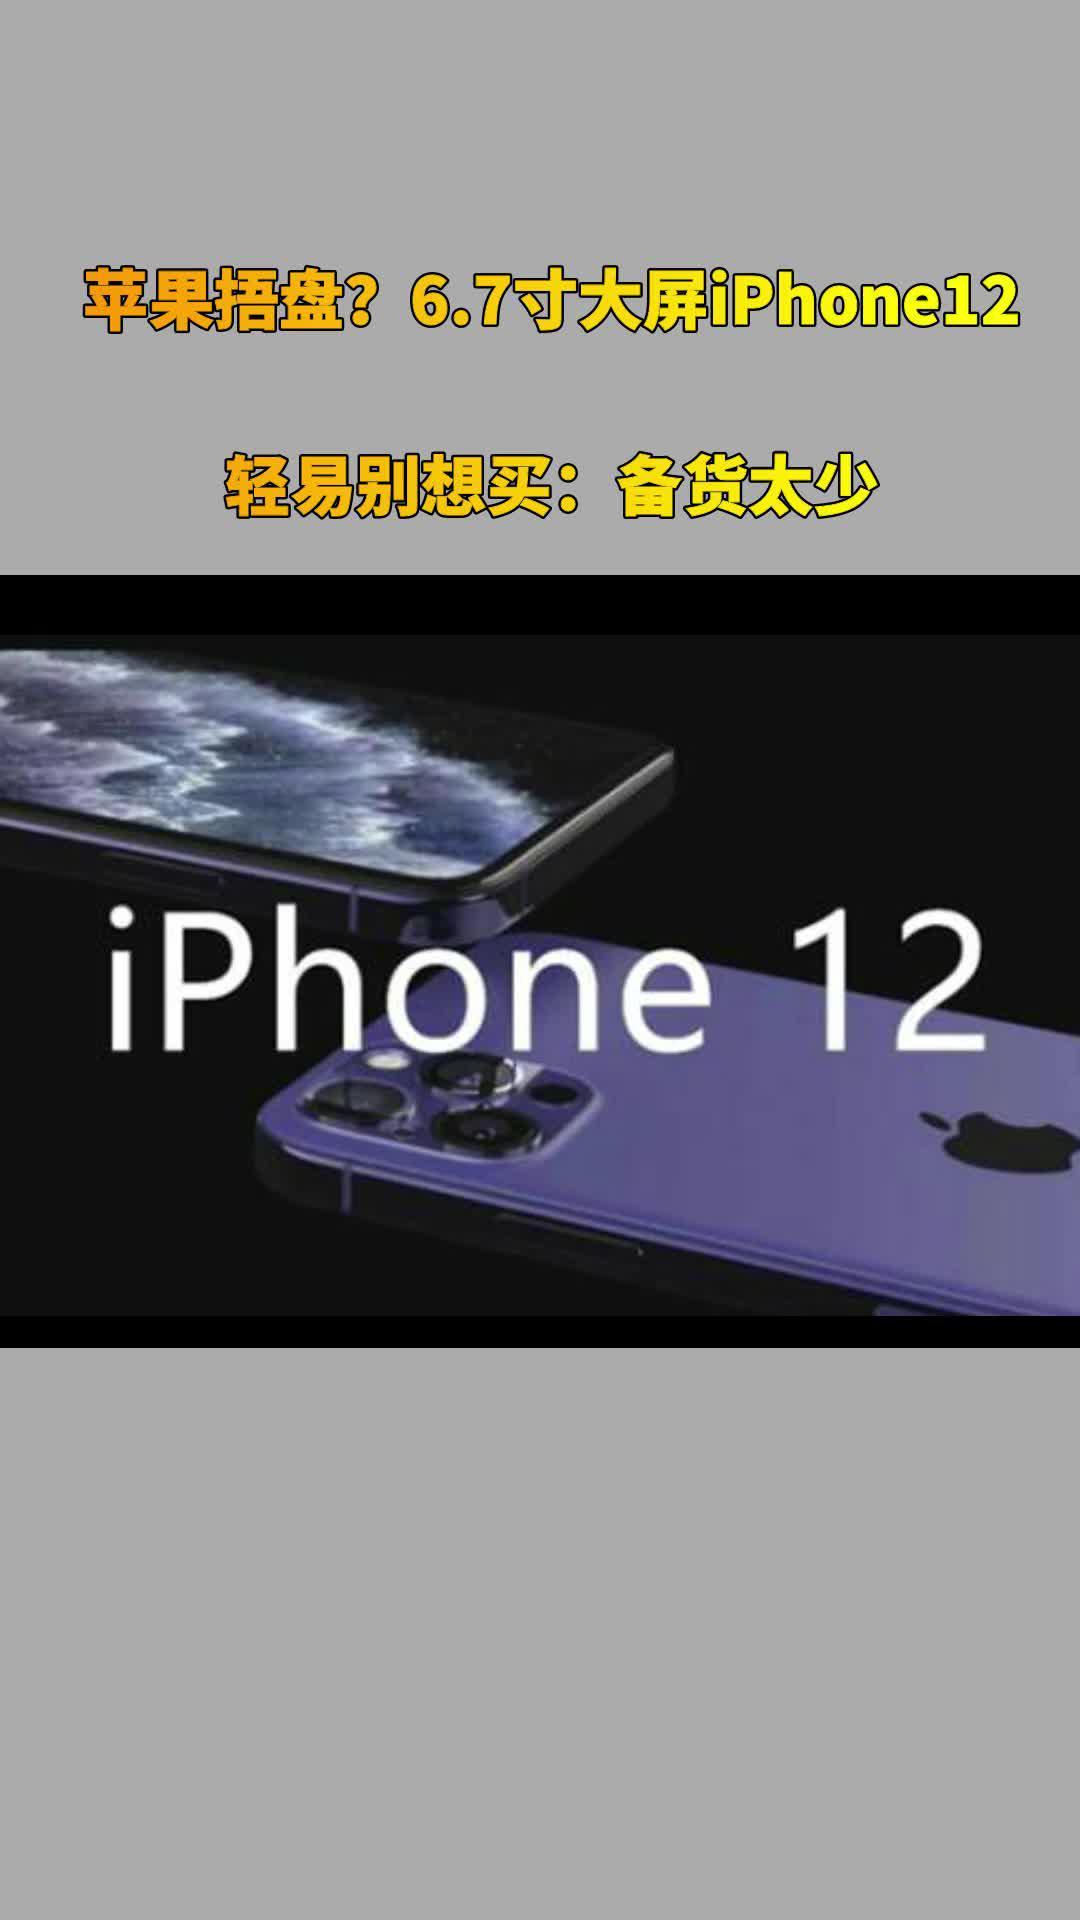 苹果捂盘?6.7寸大屏iPhone 12不好买:备货太少